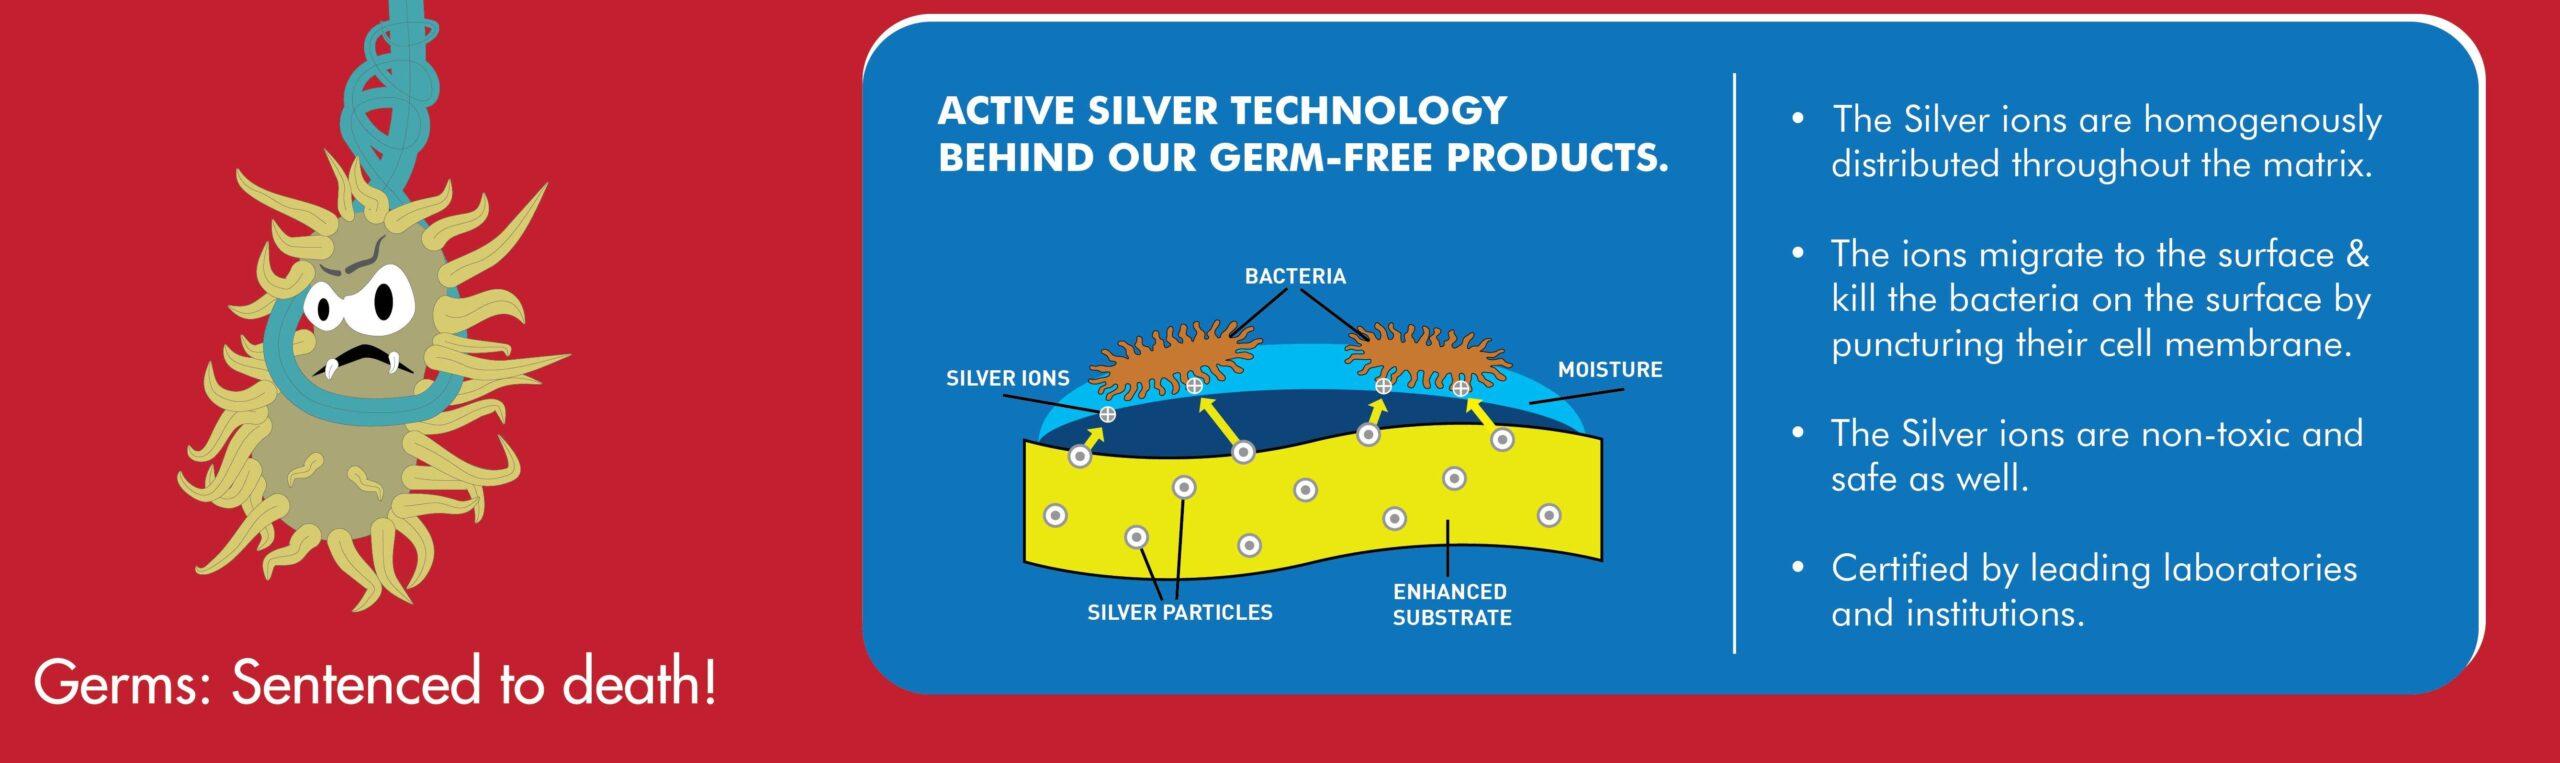 Germ Technology